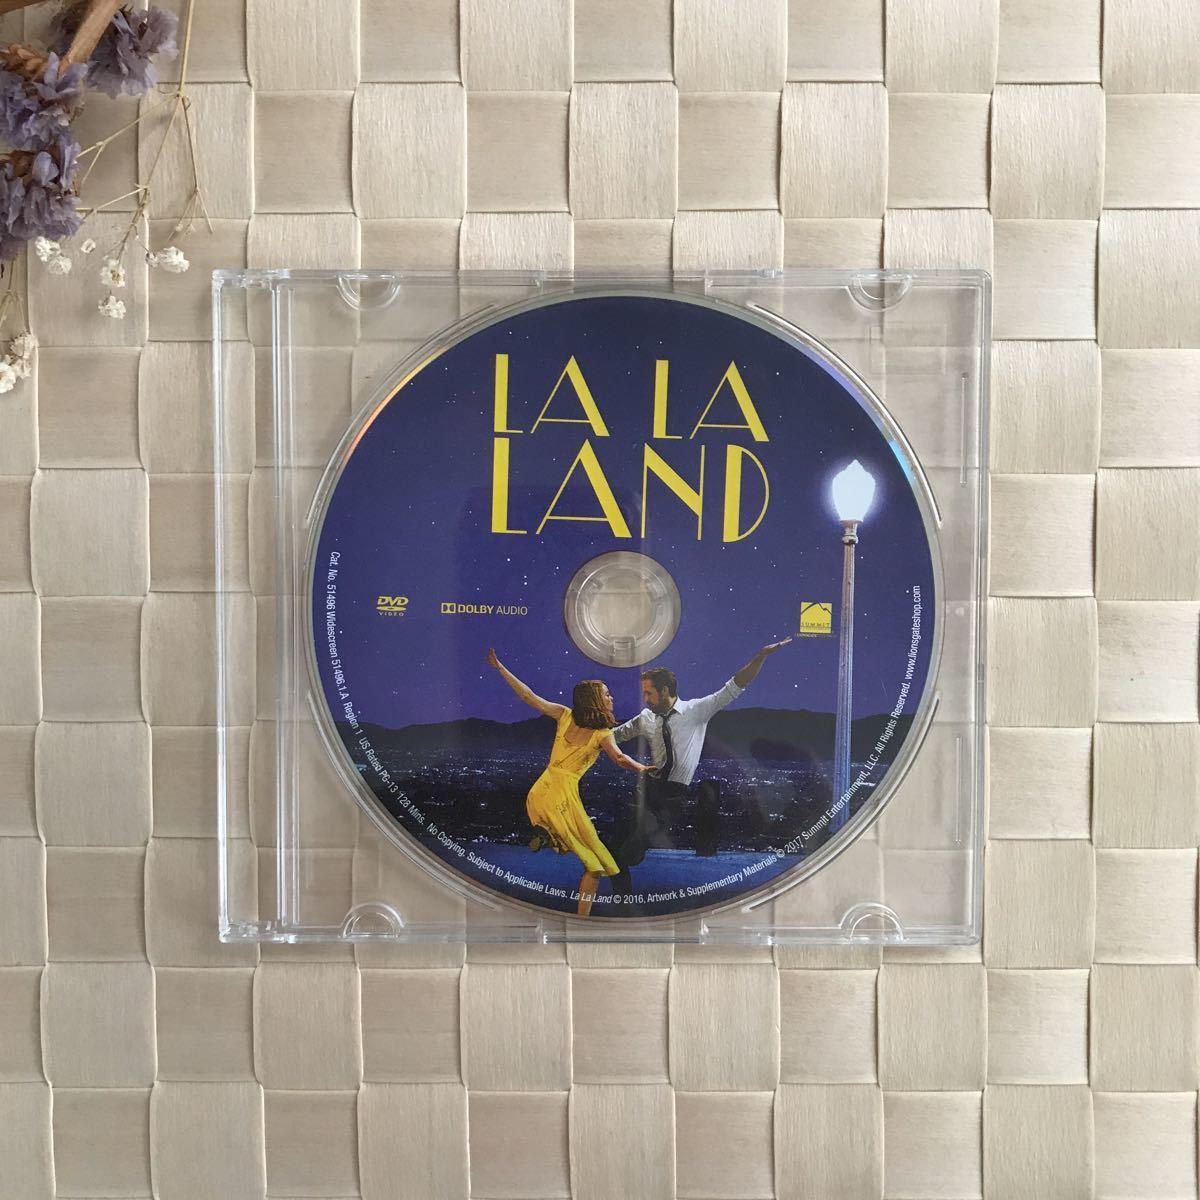 送料無料☆「LA LA LAND」ラ・ラ・ランド 輸入盤DVD 英語字幕付 英語学習に_画像2